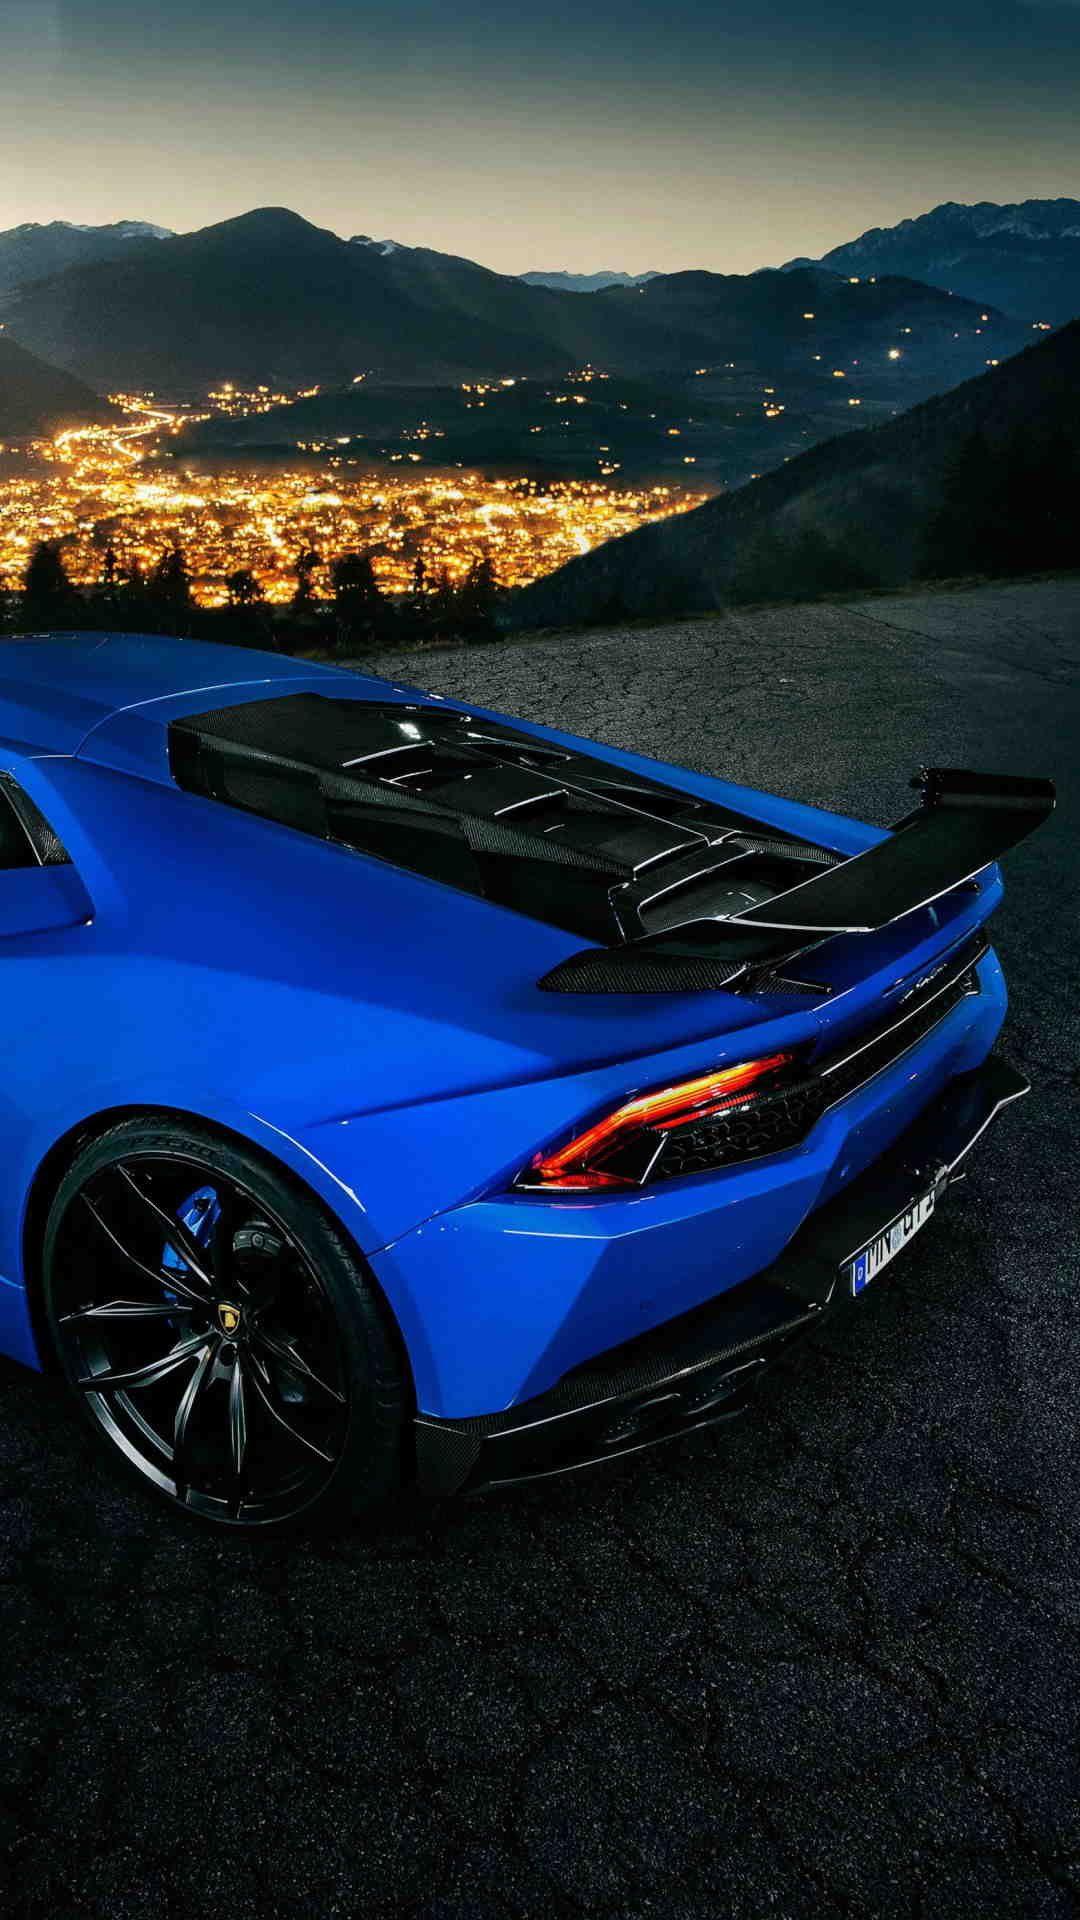 Image Of Lamborghini-Huracan-Wallpaper-for-iPhone-6-Plus